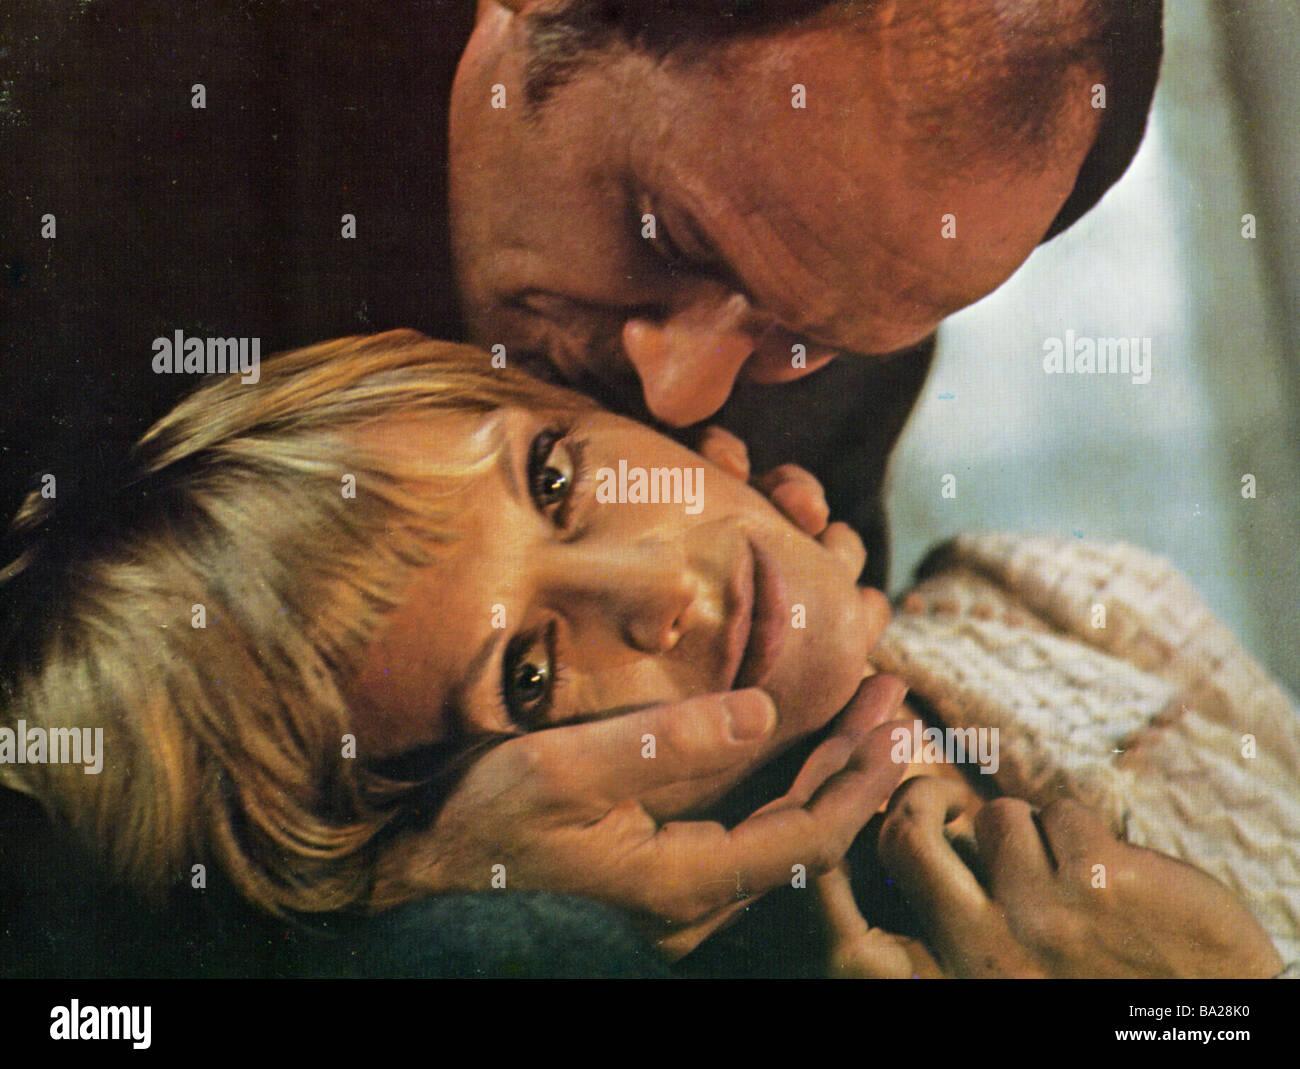 Immagini 1972 Lions Gate film con Susannah York Immagini Stock